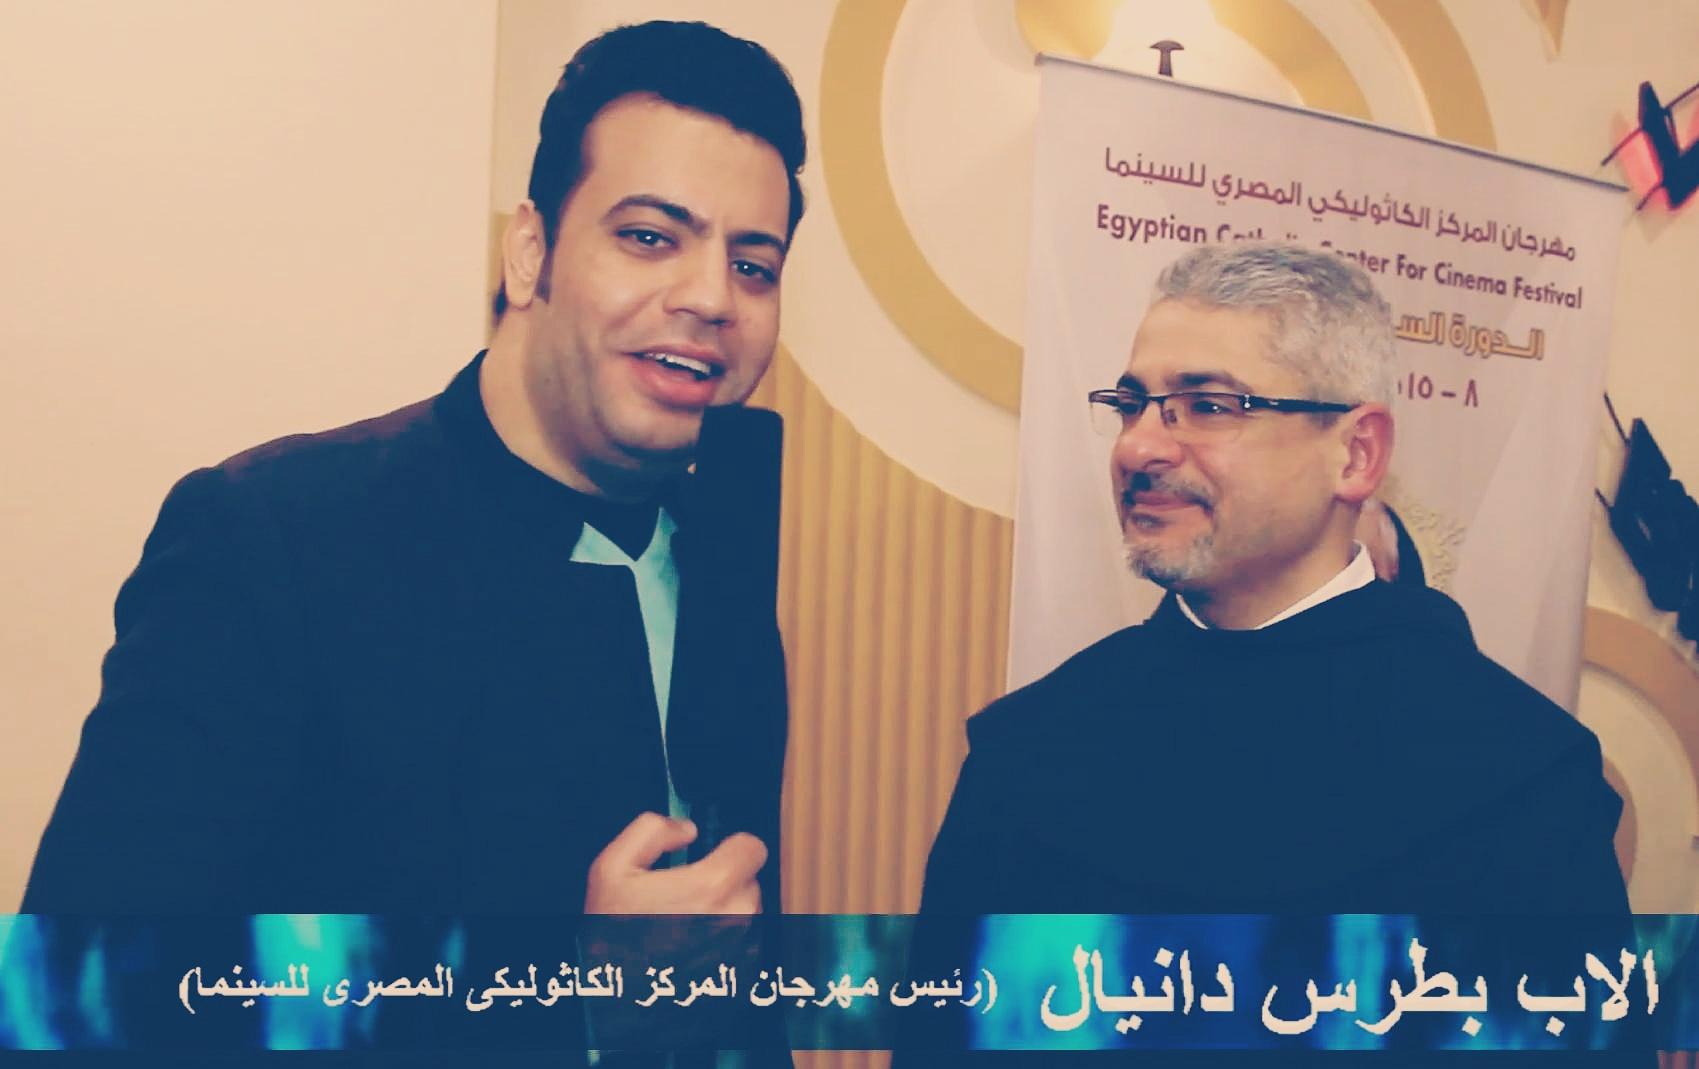 لقاء خاص مع الاب بطرس دانيال رئيس مهرجان المركز الكاثوليكى للسينما-اعداد الصحفى أمجد زاهر